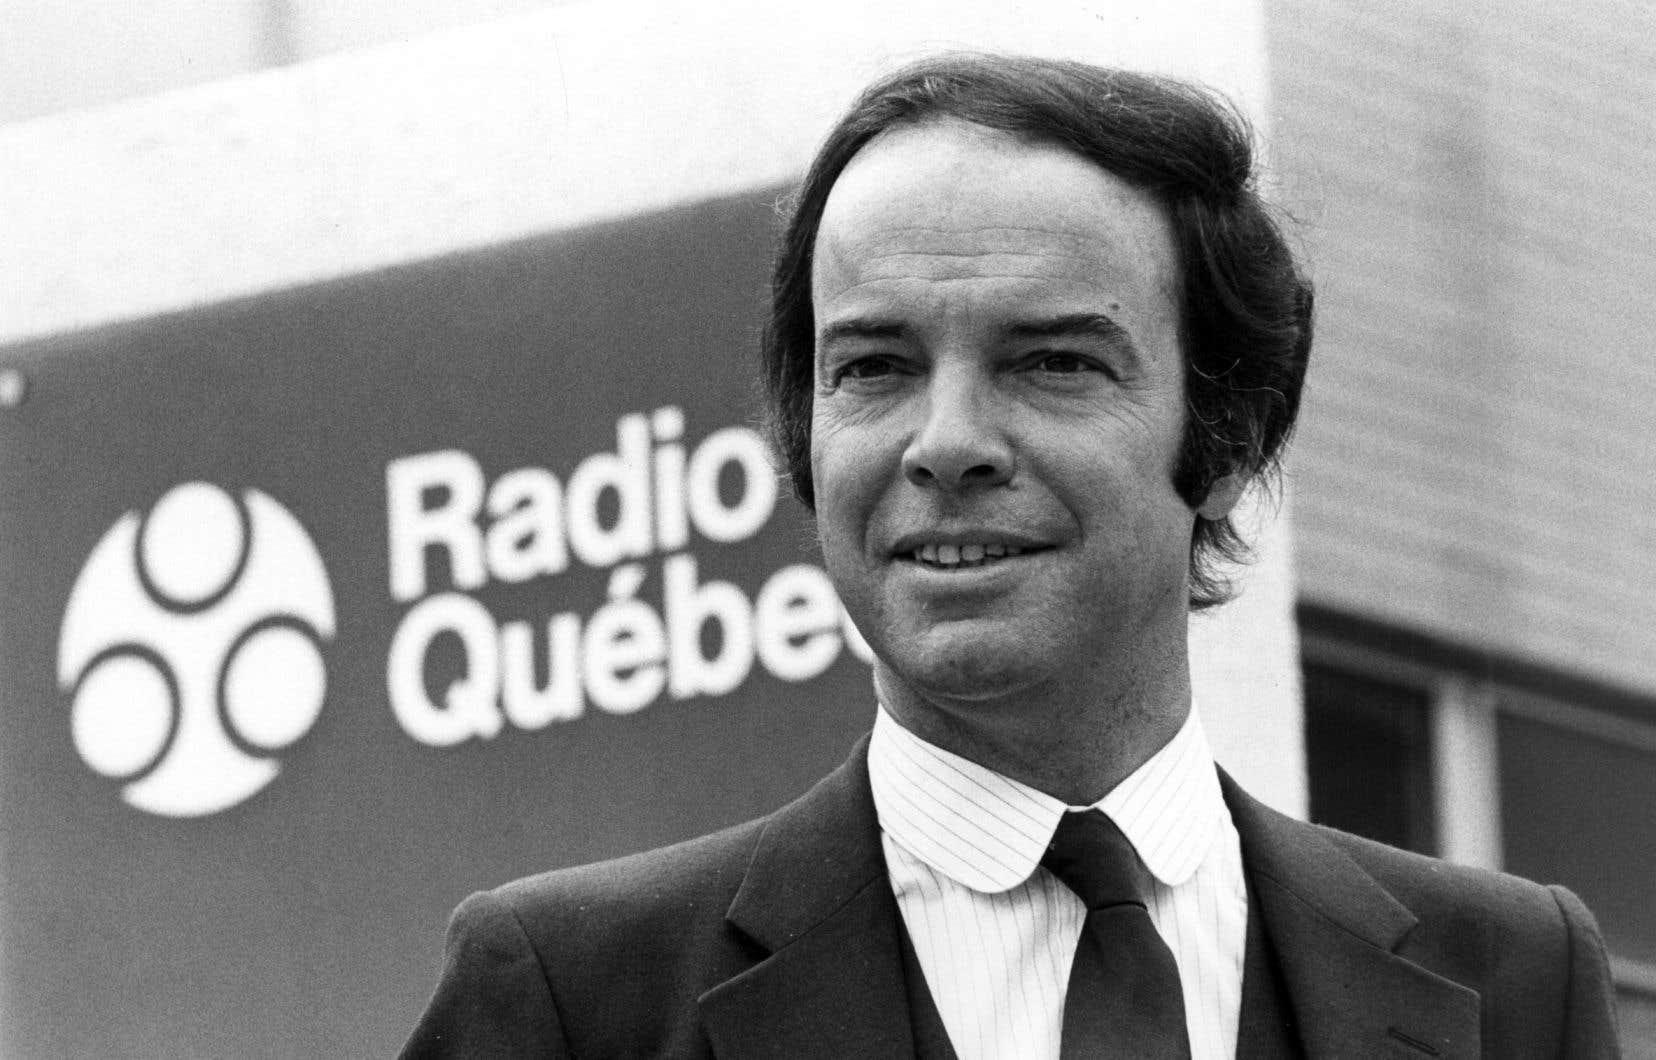 Le journalistePierre Nadeau